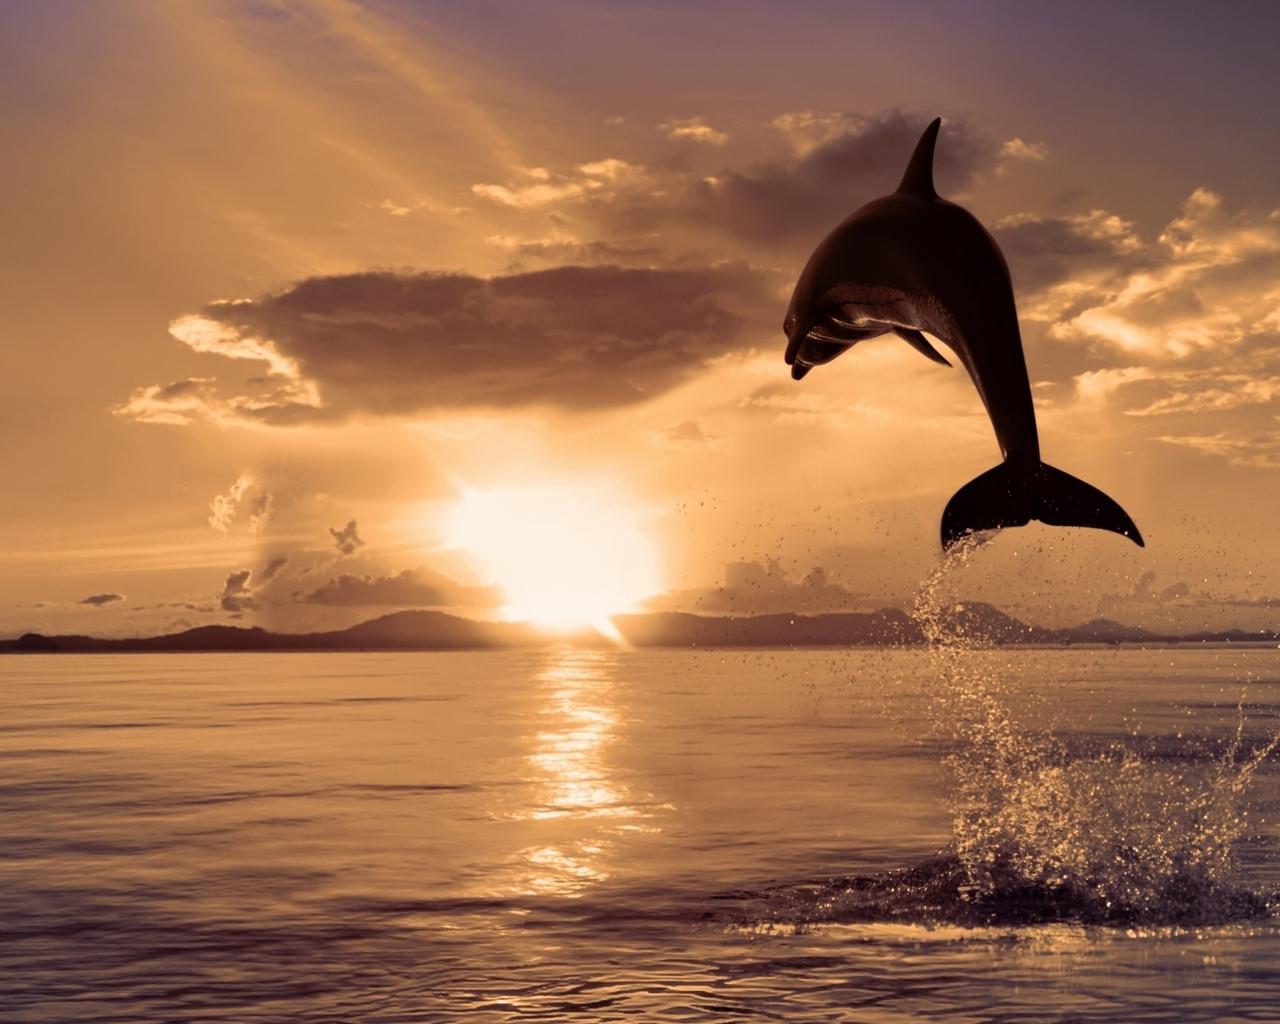 12118 скачать обои Животные, Пейзаж, Вода, Закат, Дельфины, Море, Солнце, Рыбы - заставки и картинки бесплатно